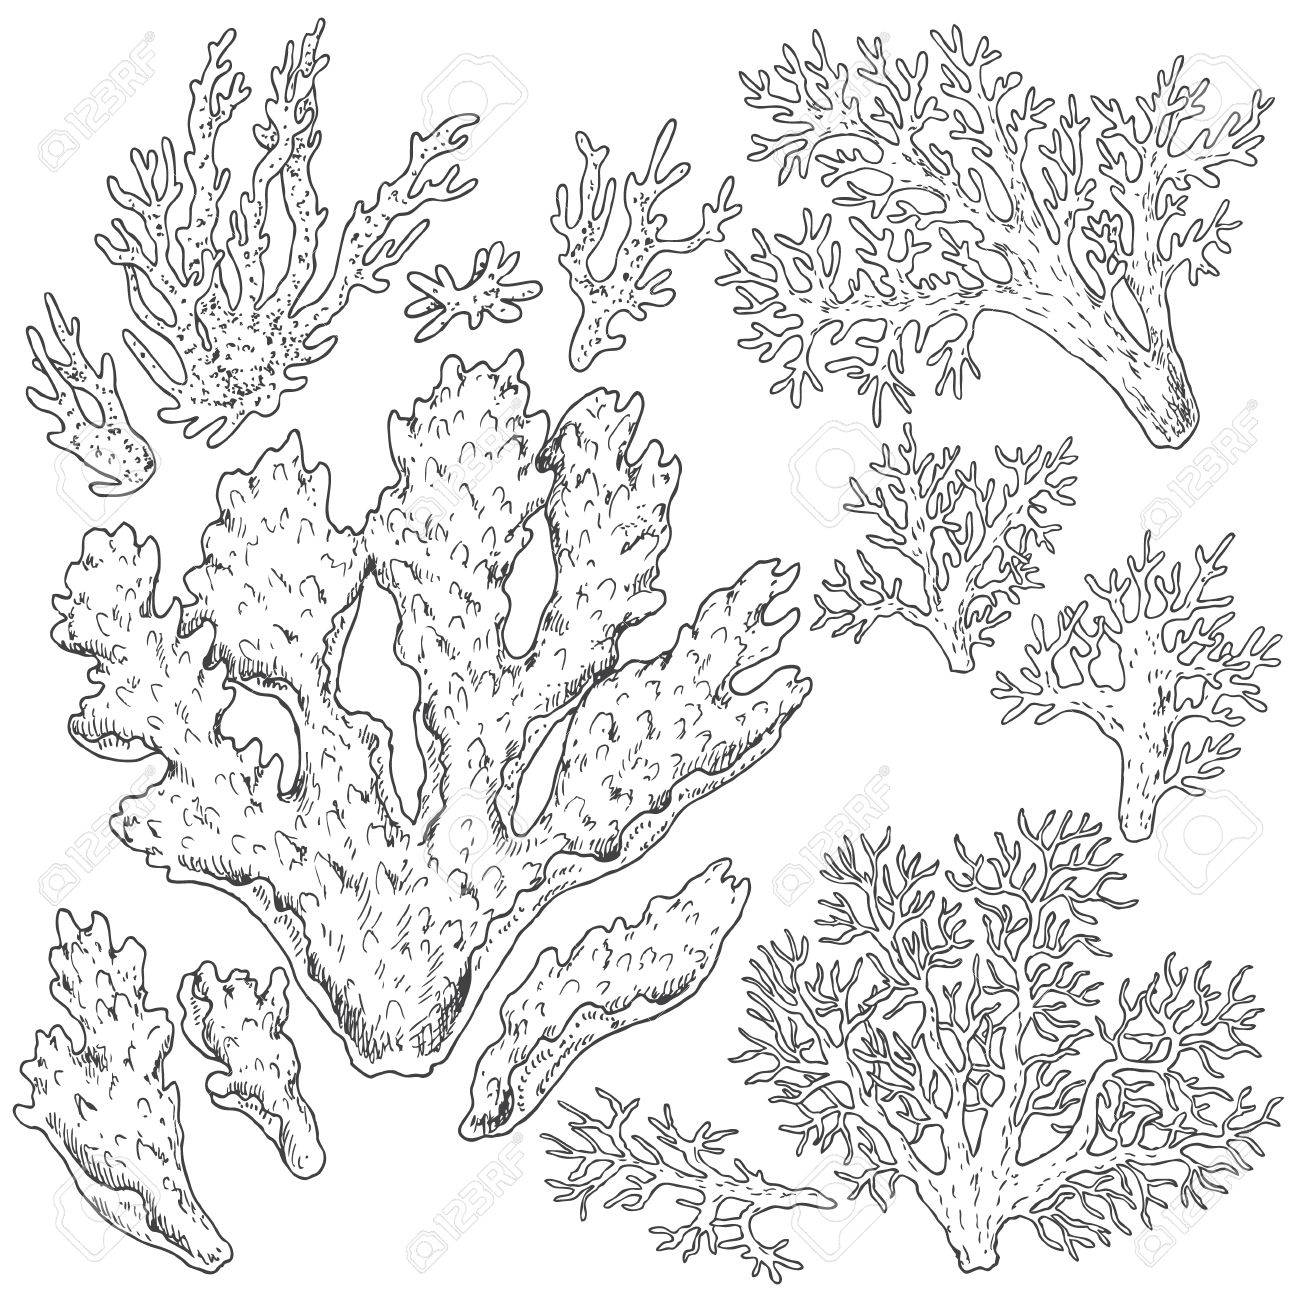 Dibujado A Mano Elementos Naturales Bajo El Agua Bosquejo De Corales De Arrecife Página Para Colorear De Ilustración Conjunto Blanco Y Negro